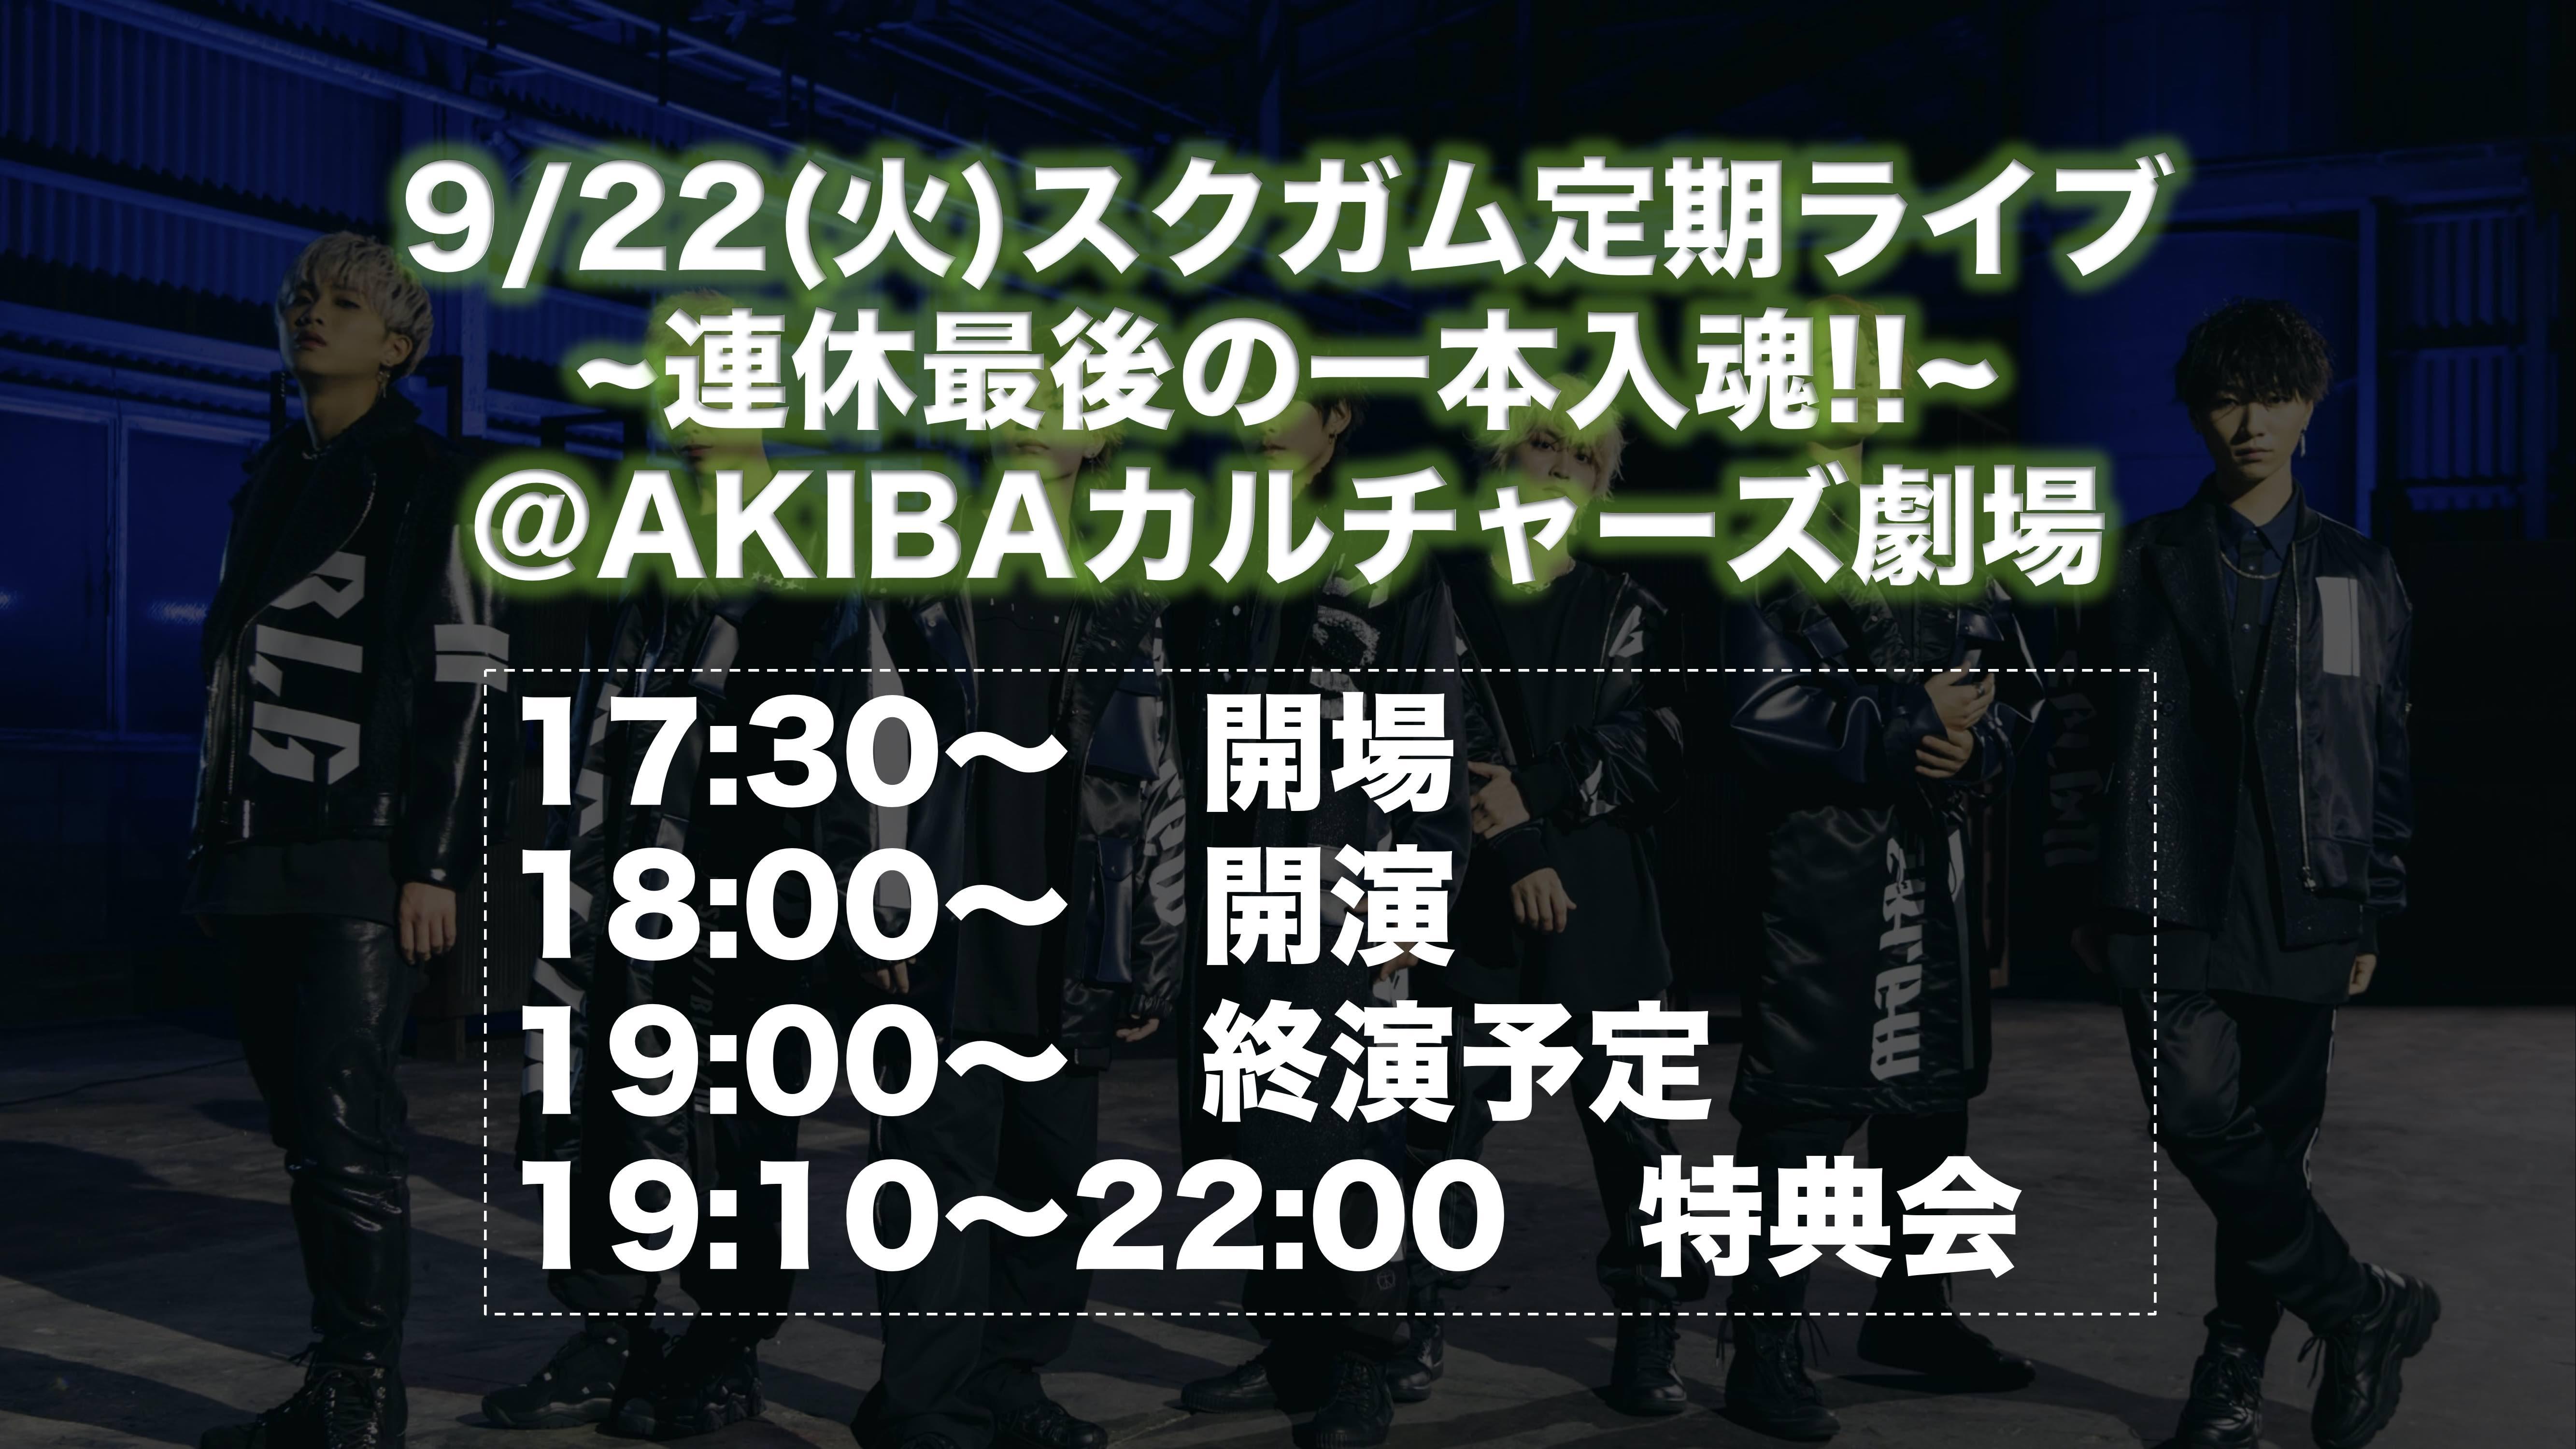 9/22(火)スクガム定期ライブ~連休最後の一本入魂!!~@AKIBAカルチャーズ劇場